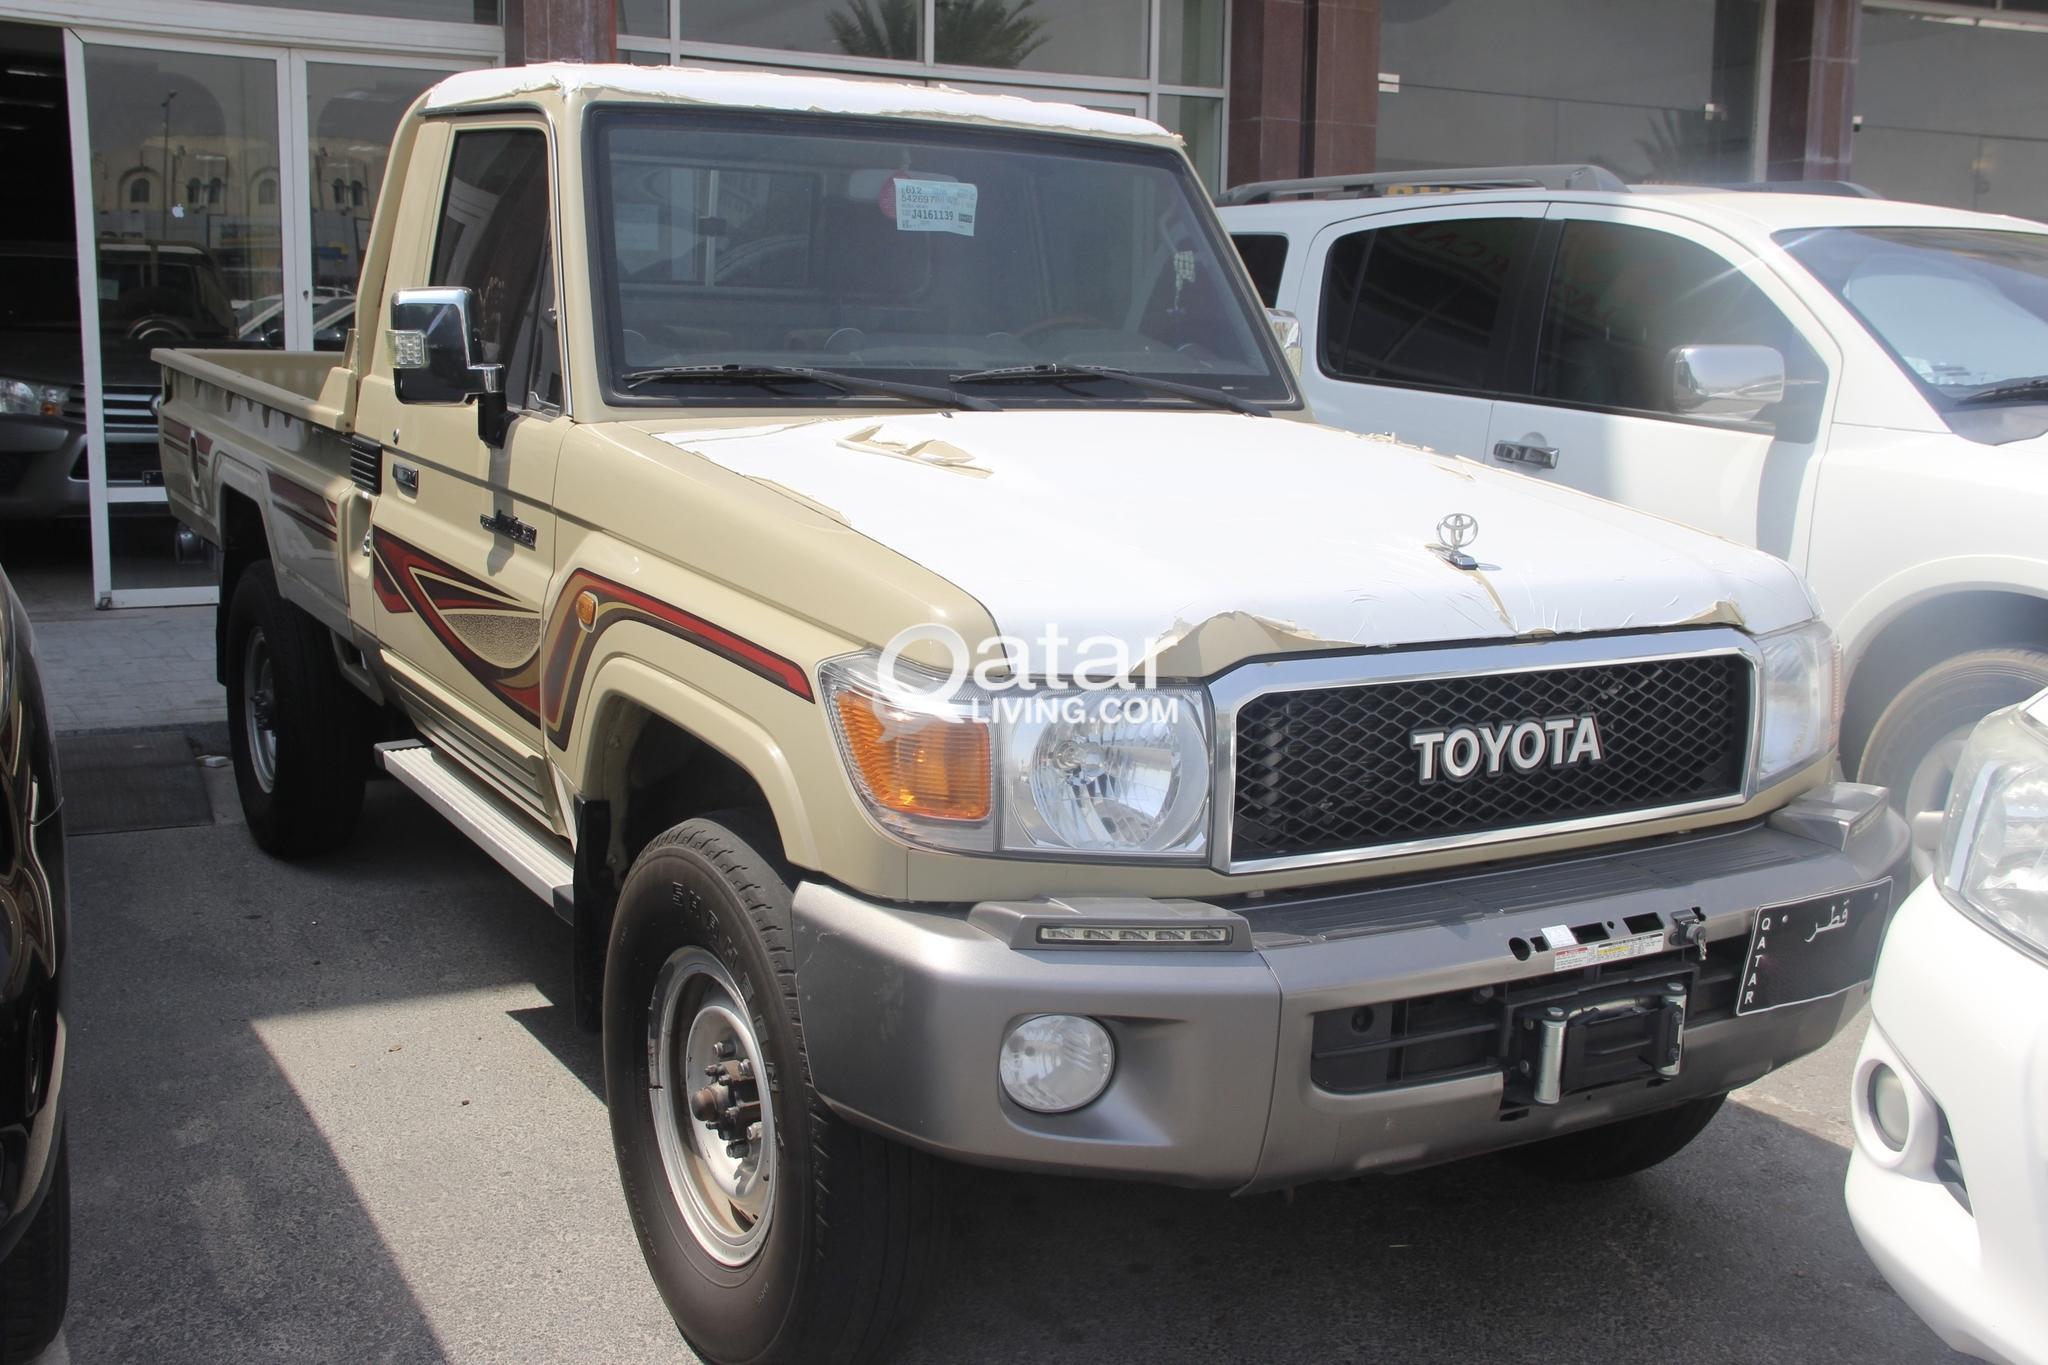 Kekurangan Toyota Lx Perbandingan Harga